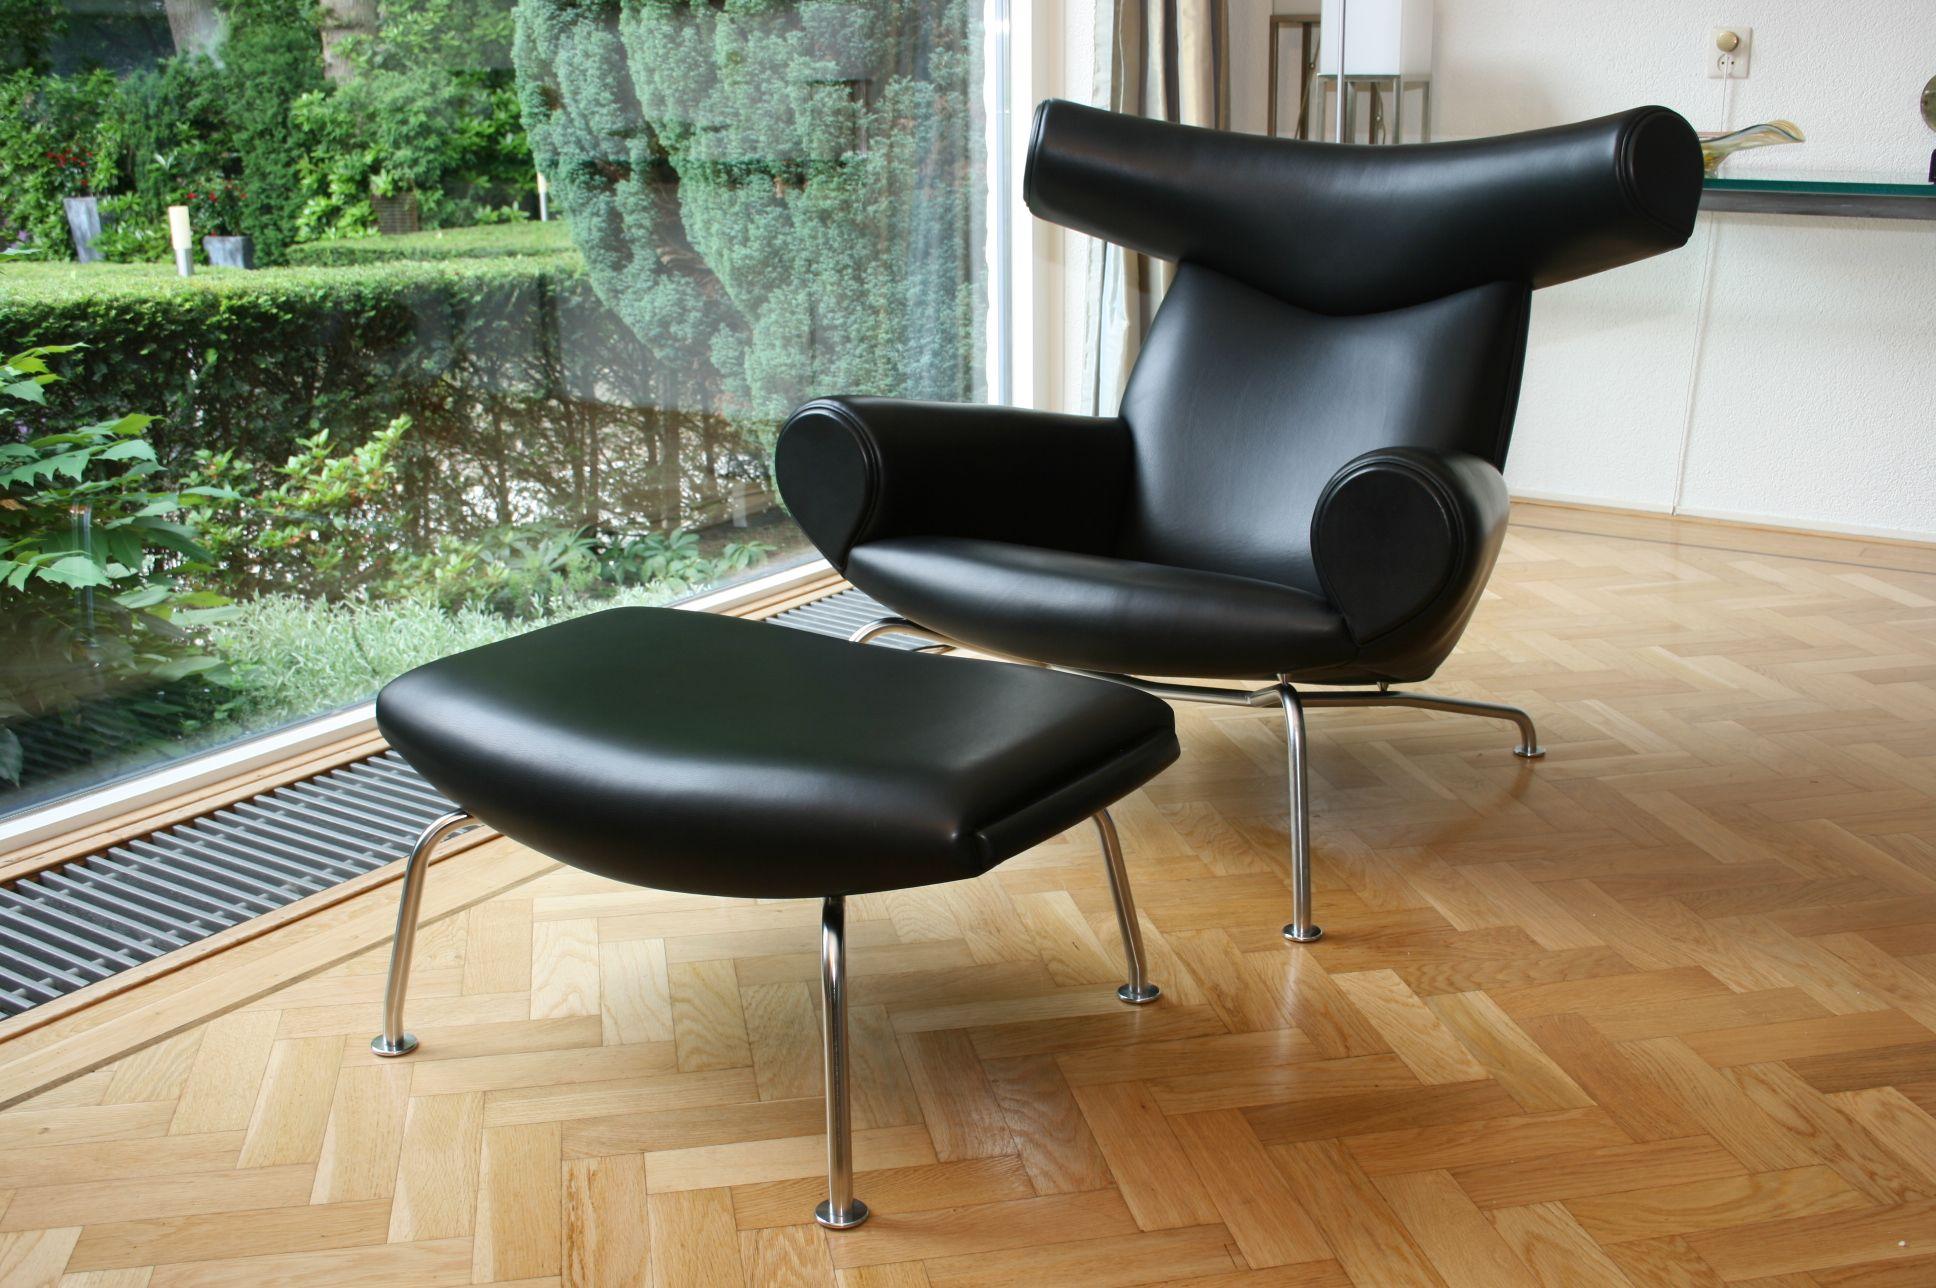 En 1960 Hans J Wegner Diseno El Sillon Ox Ox Chair Inspirado En Los Cuadros De Picasso En Los Que Aparecian Toro Disenos De Unas Cuadros De Picasso Cuadros